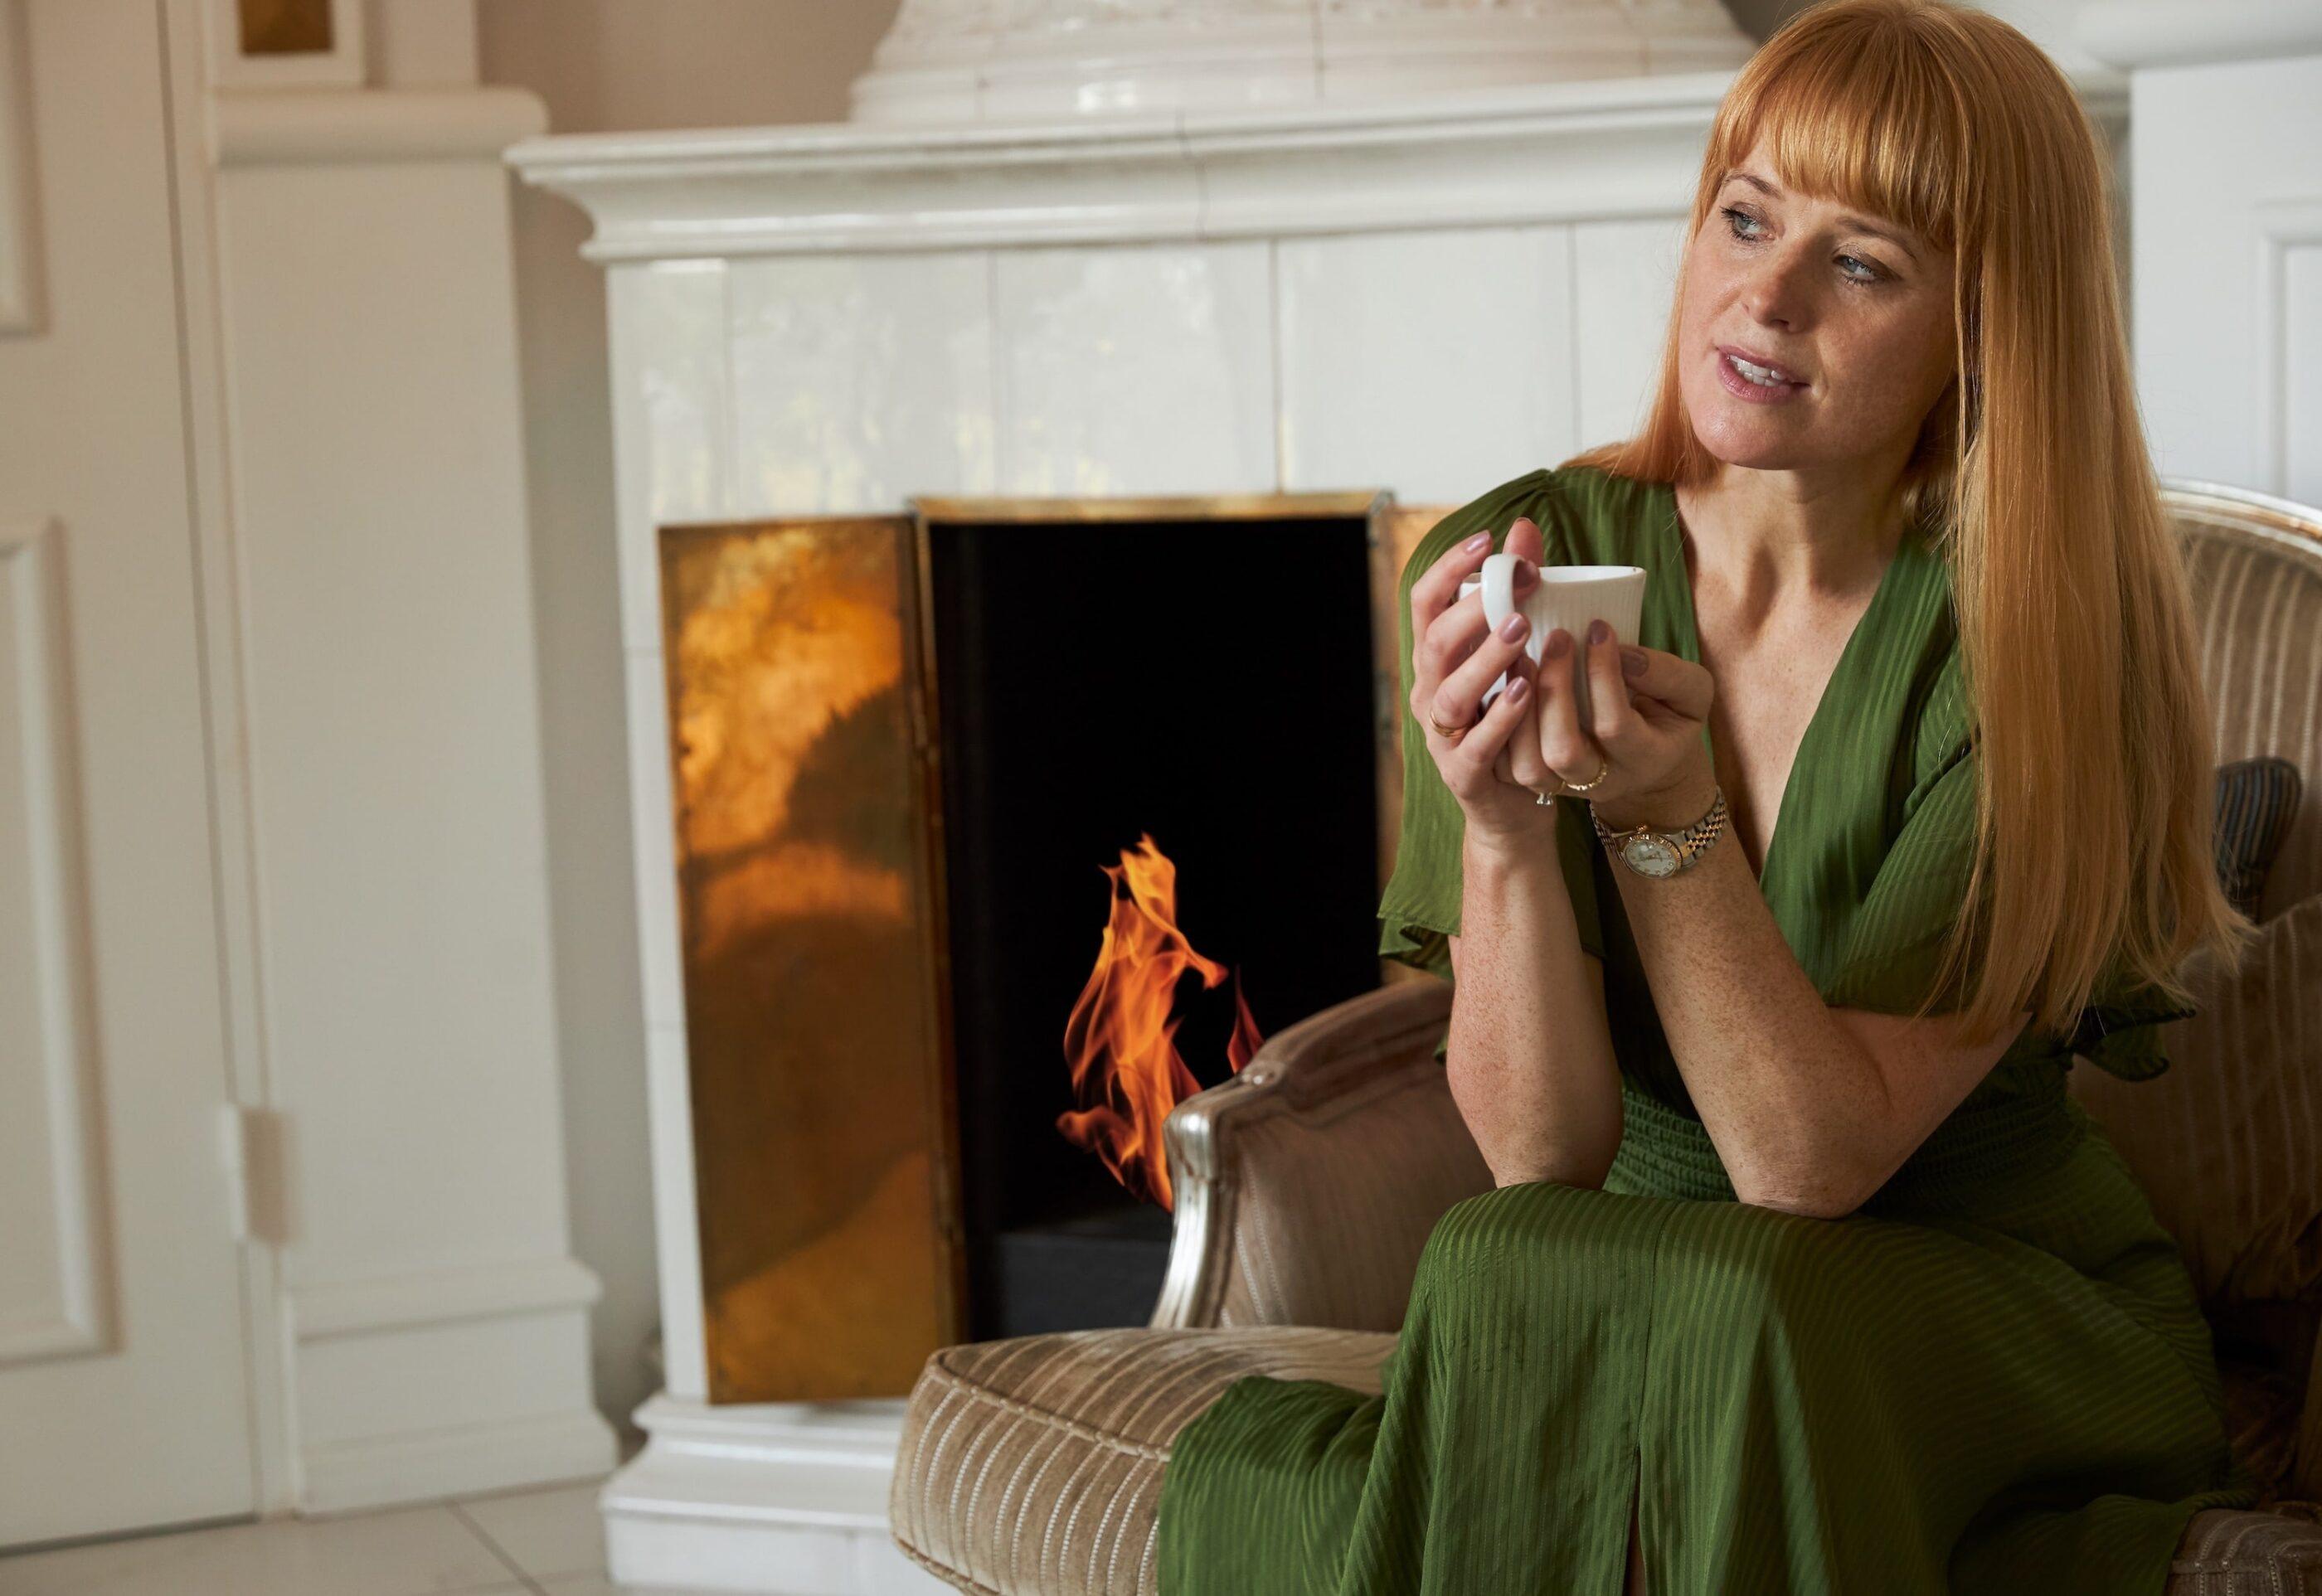 En kvinde i grøn kjole nyder en varm drik ved ildstedet